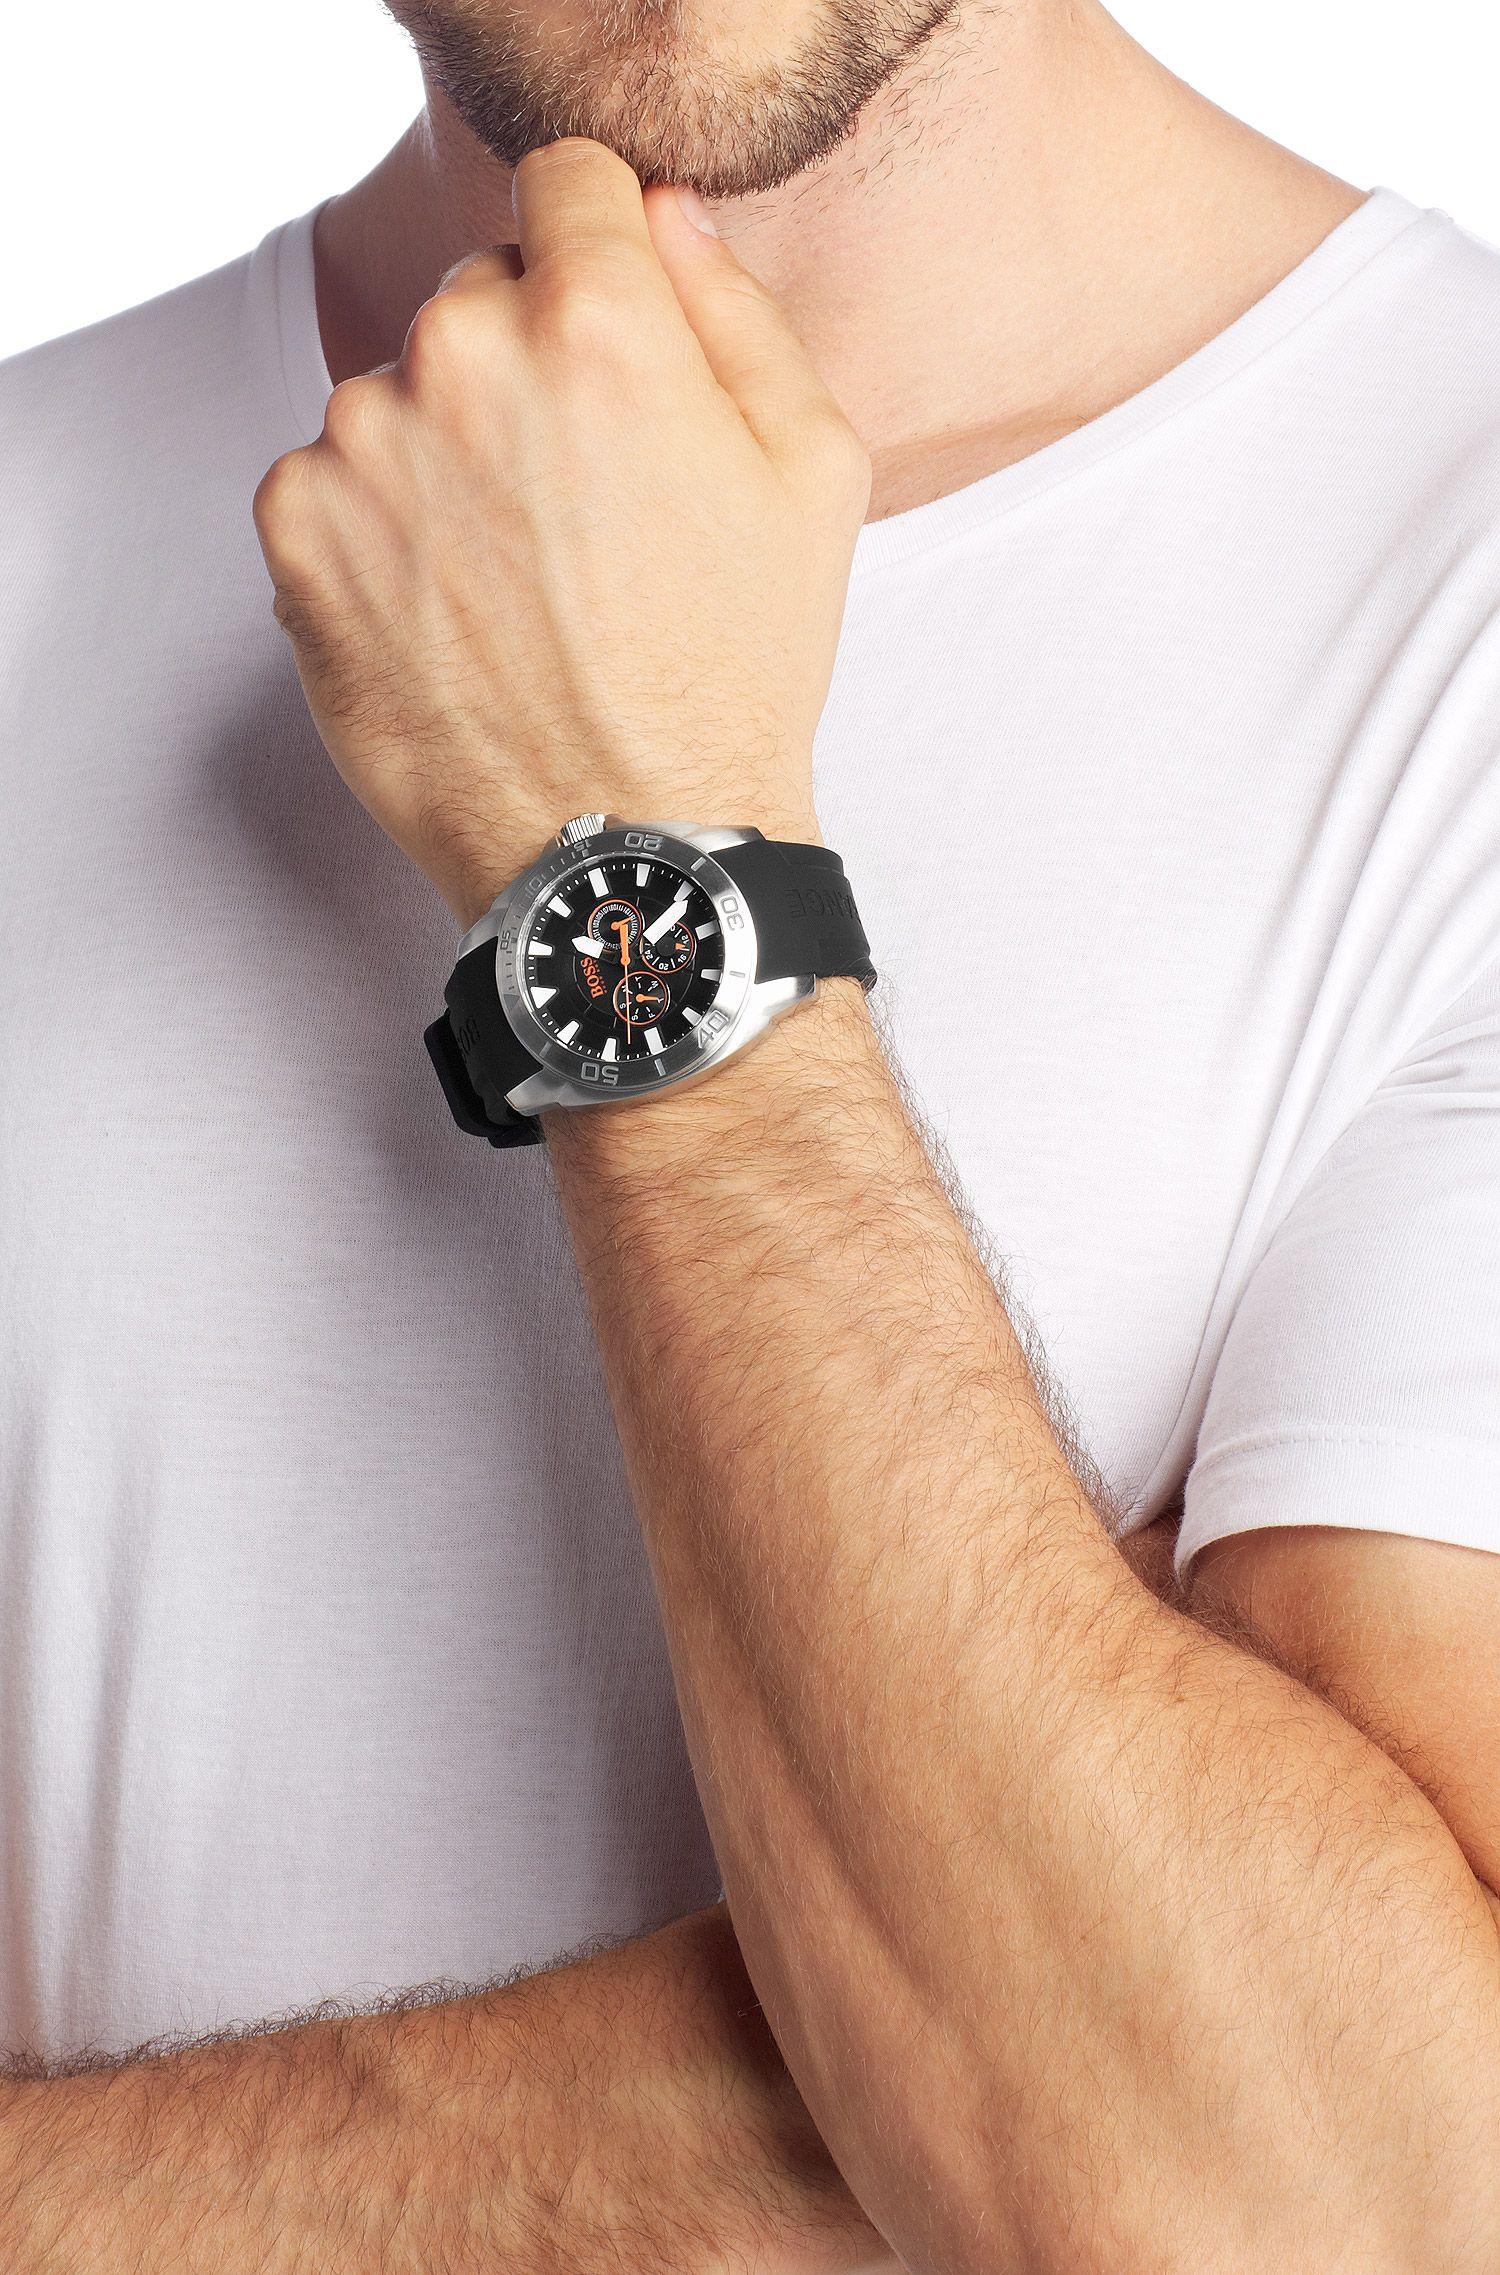 Montre homme à bracelet en silicone, HO7007